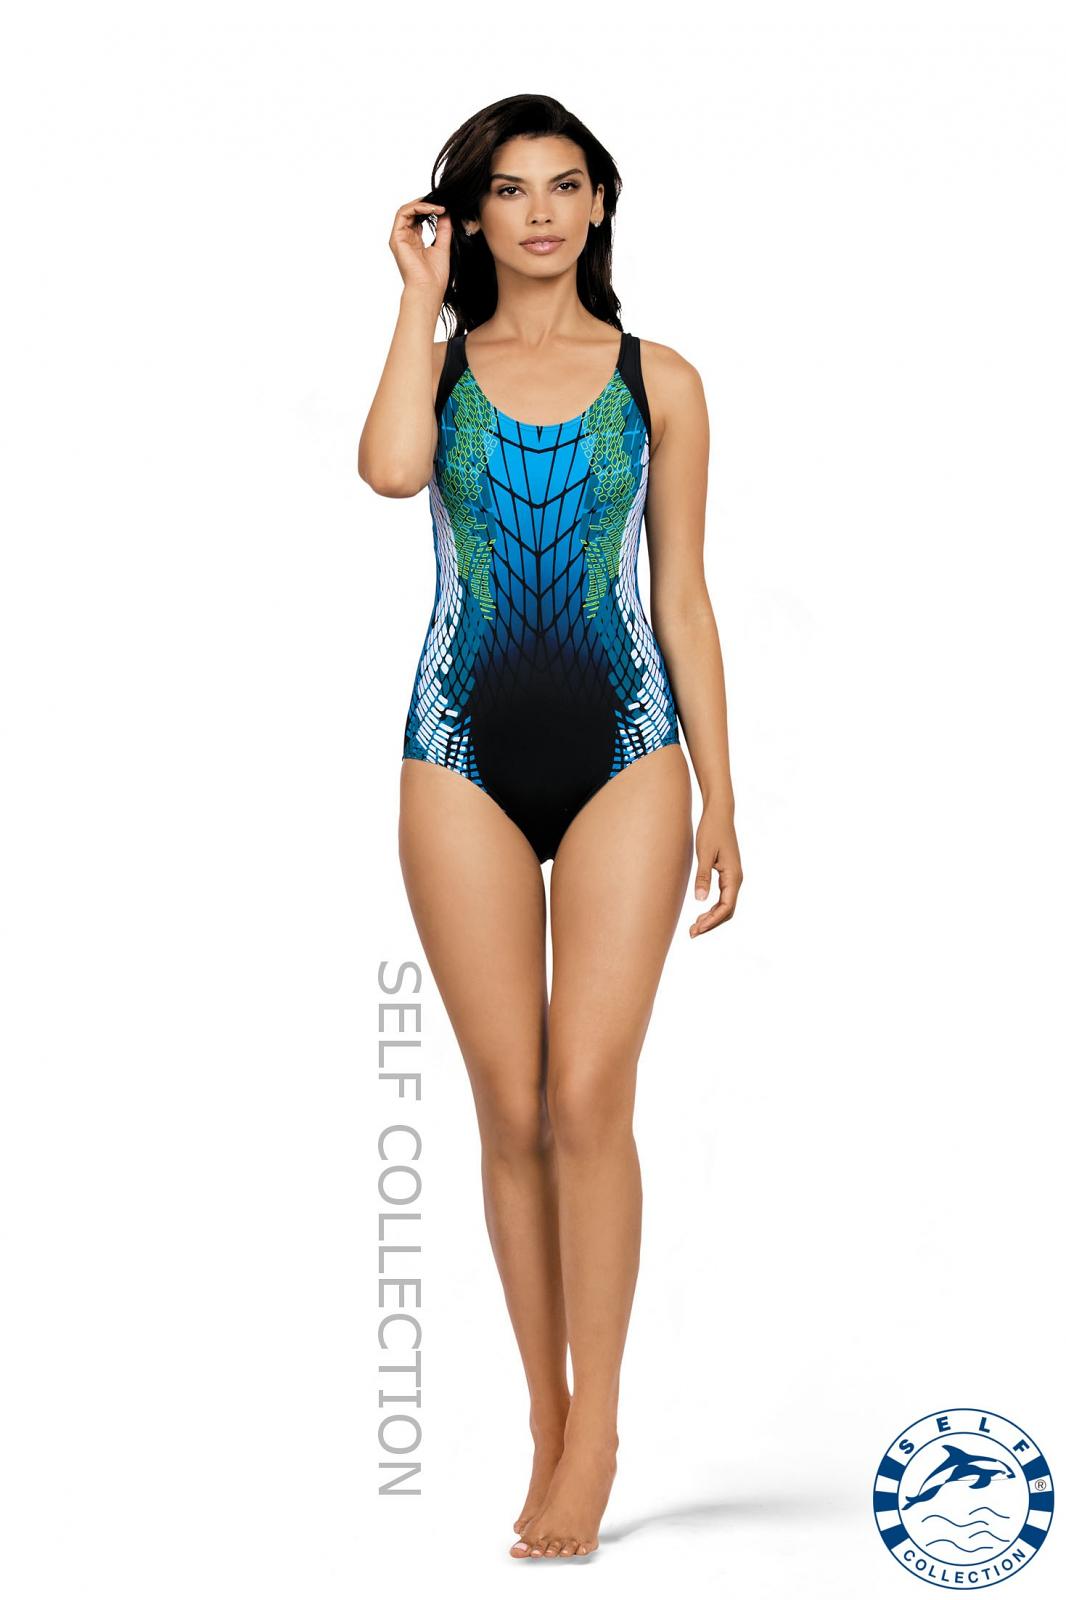 Dámské plavky Self S 35 C - Černá-modrá/S-36